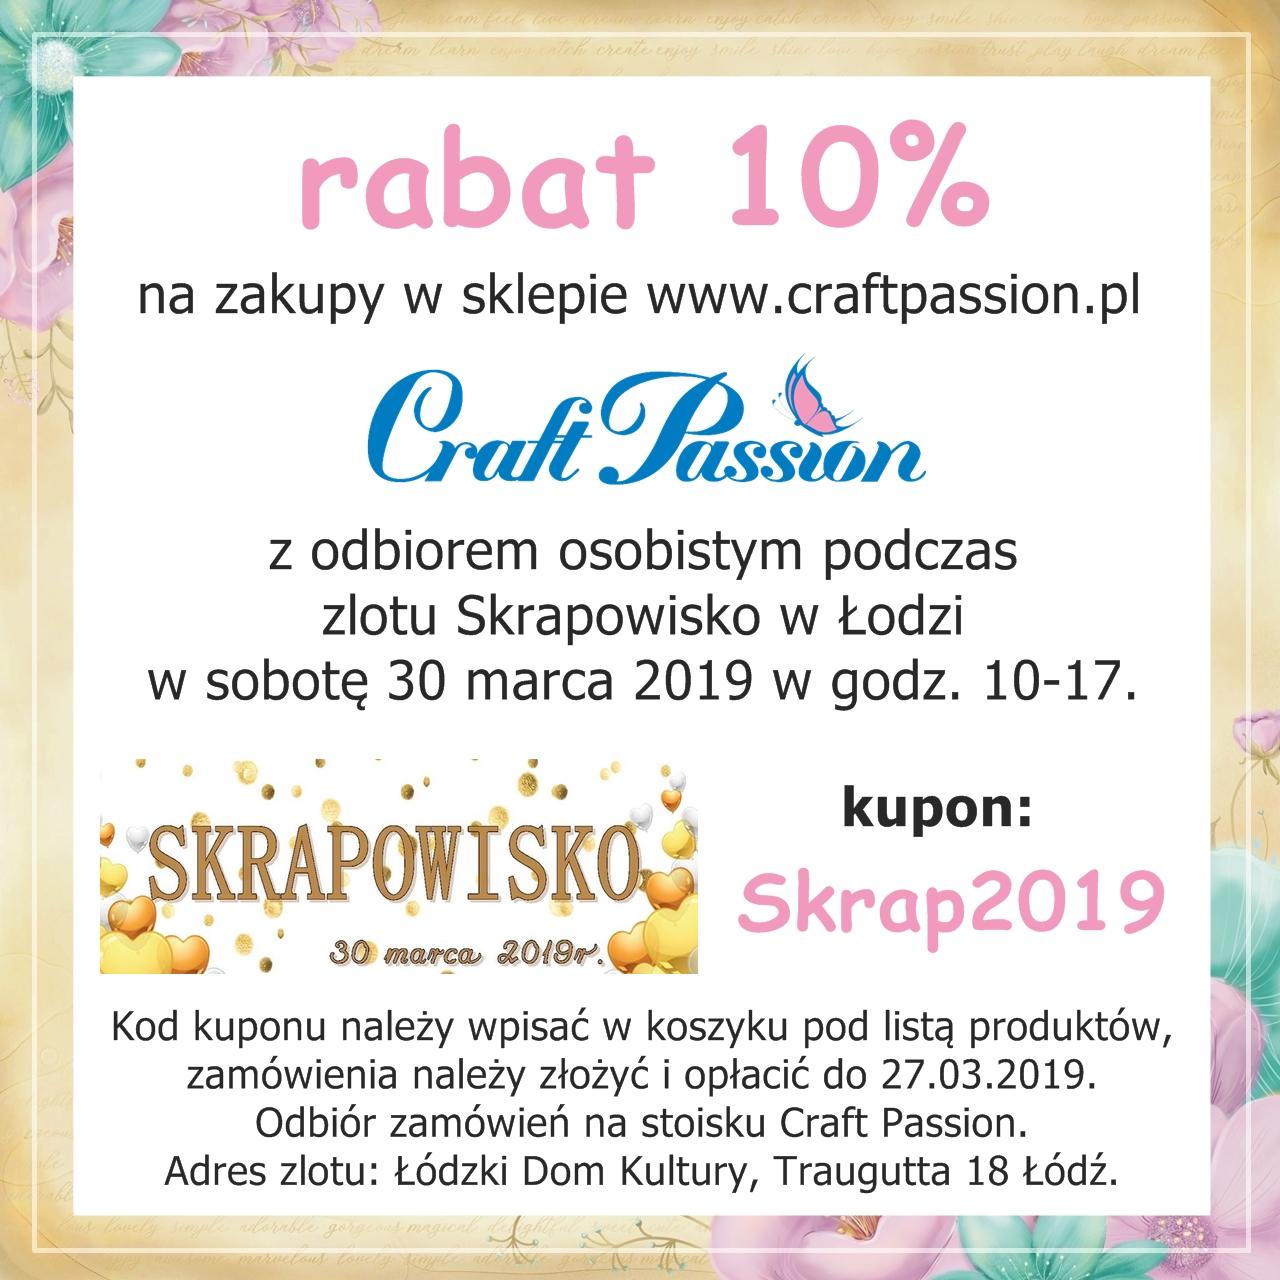 Skrapowisko - Łódź 30.03.2019